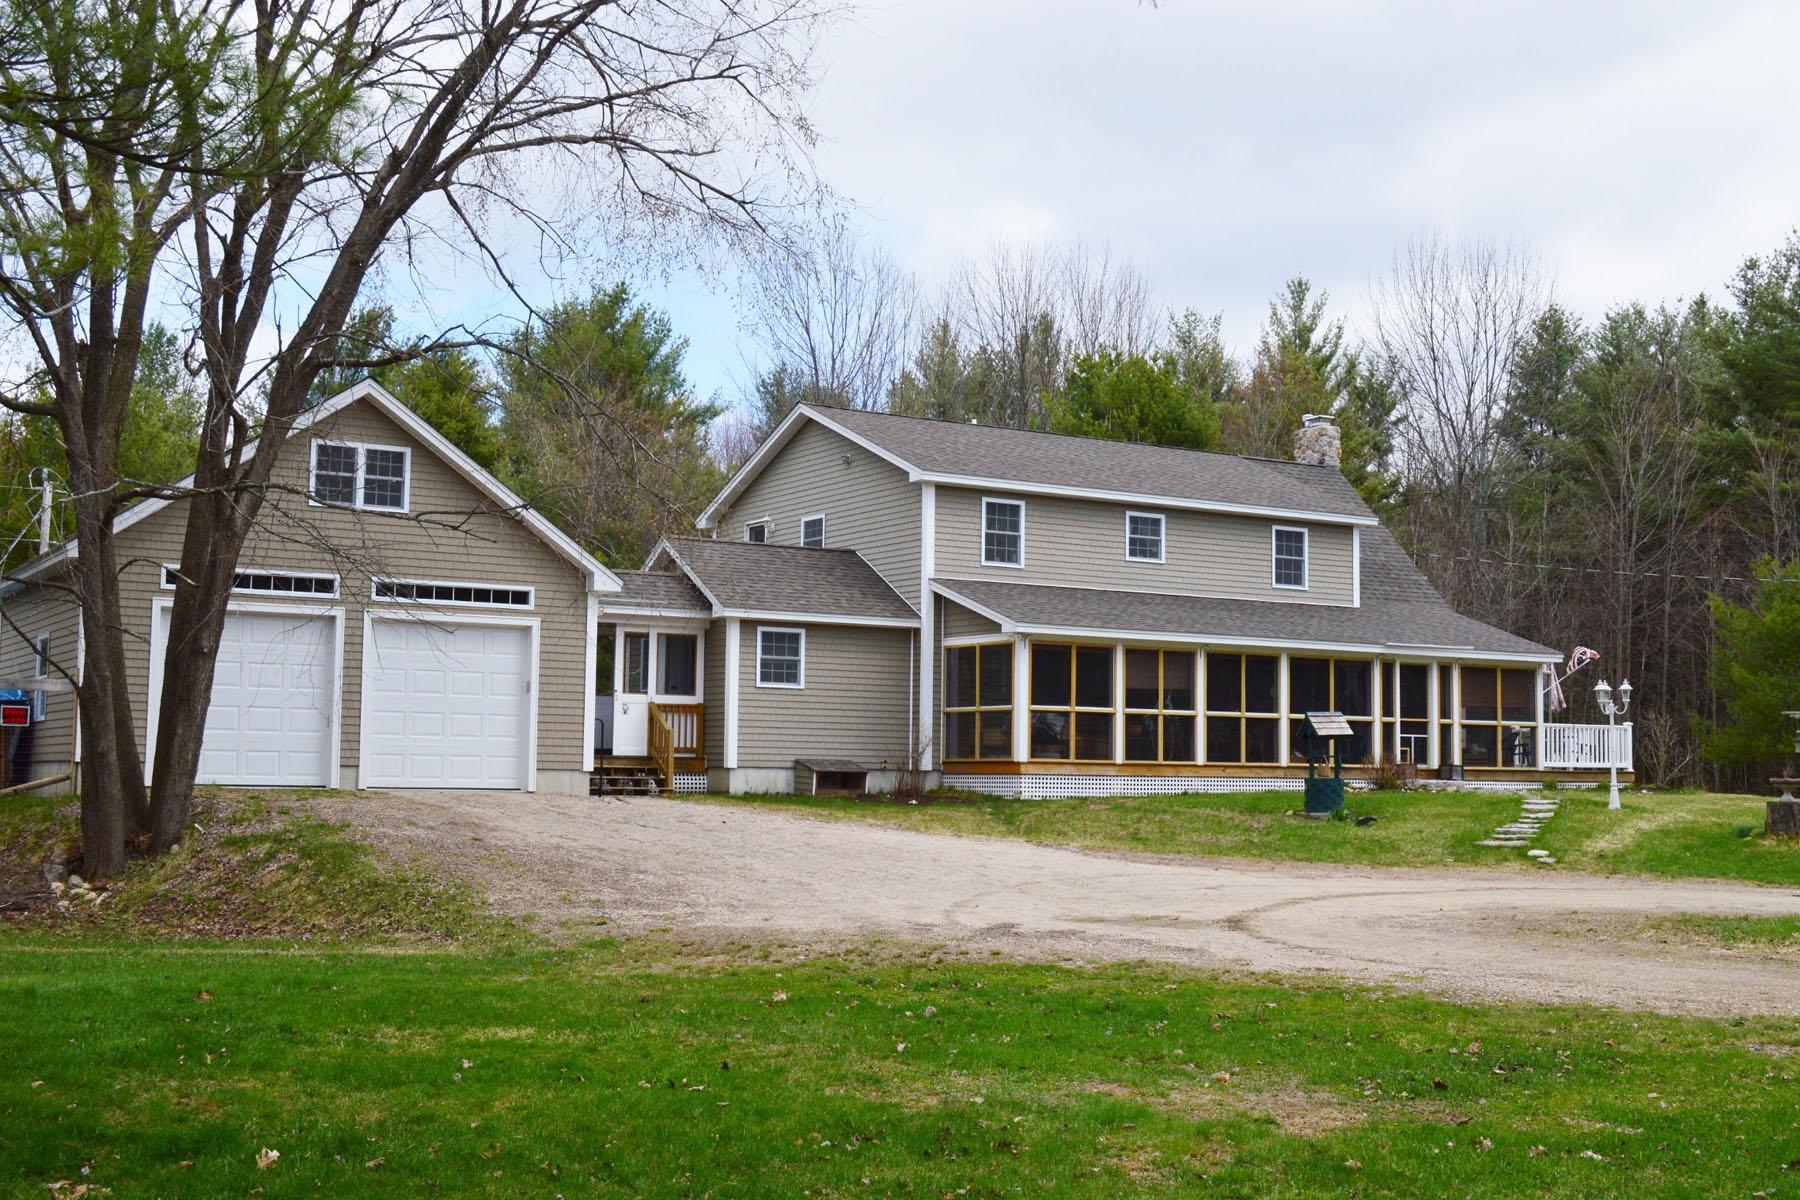 Частный односемейный дом для того Продажа на 169 Circuit Road, Ossipee 169 Circuit Rd Ossipee, Нью-Гэмпшир, 03864 Соединенные Штаты